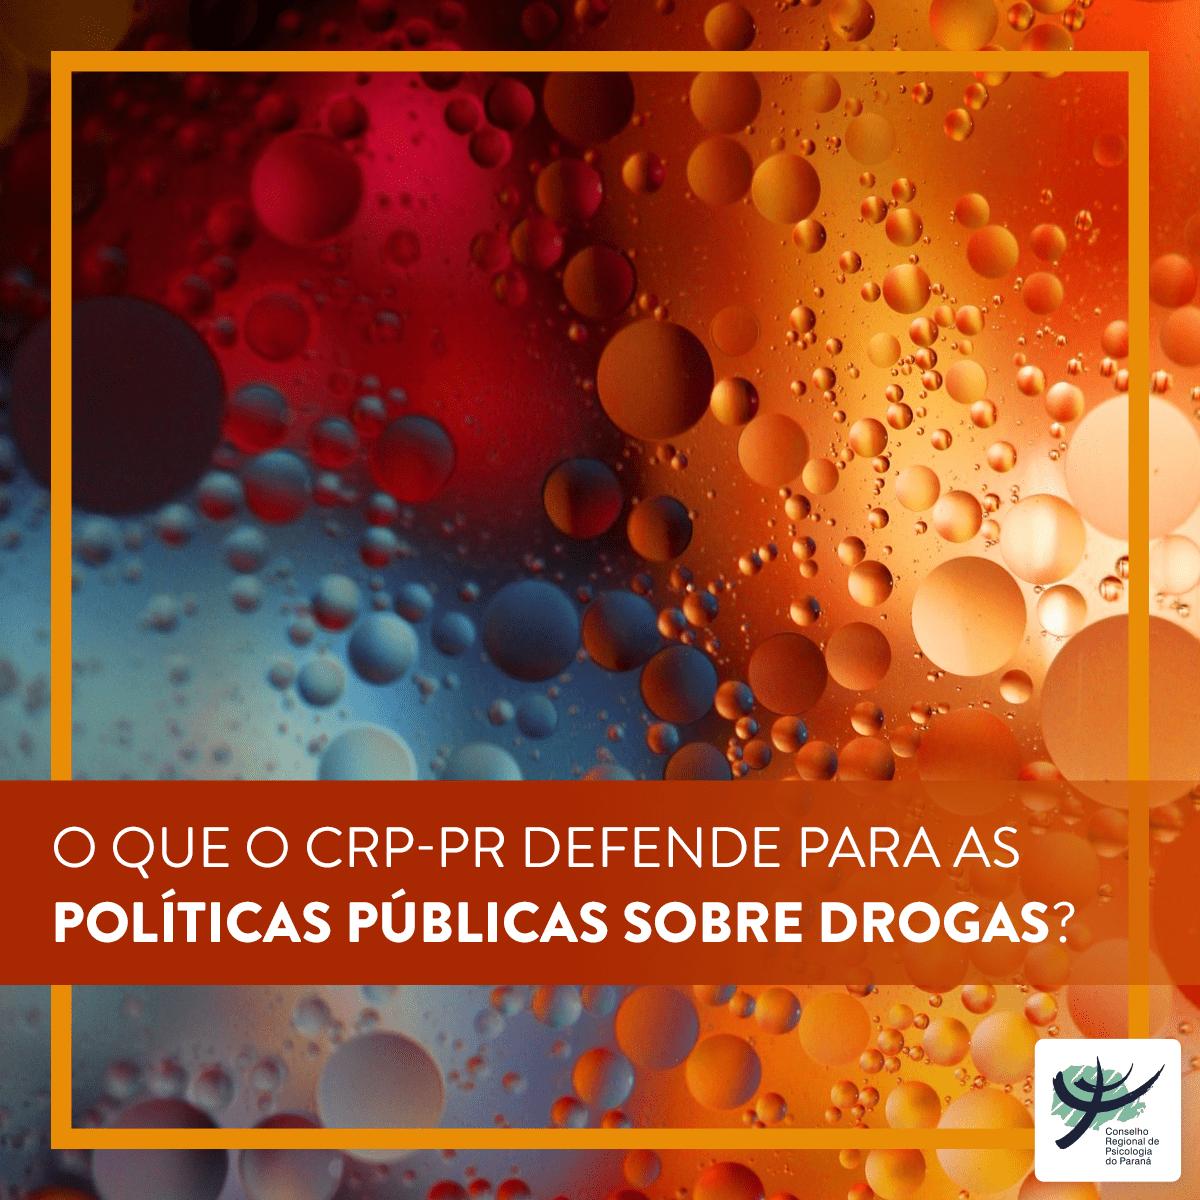 O que o CRP-PR defende para as políticas públicas sobre drogas?